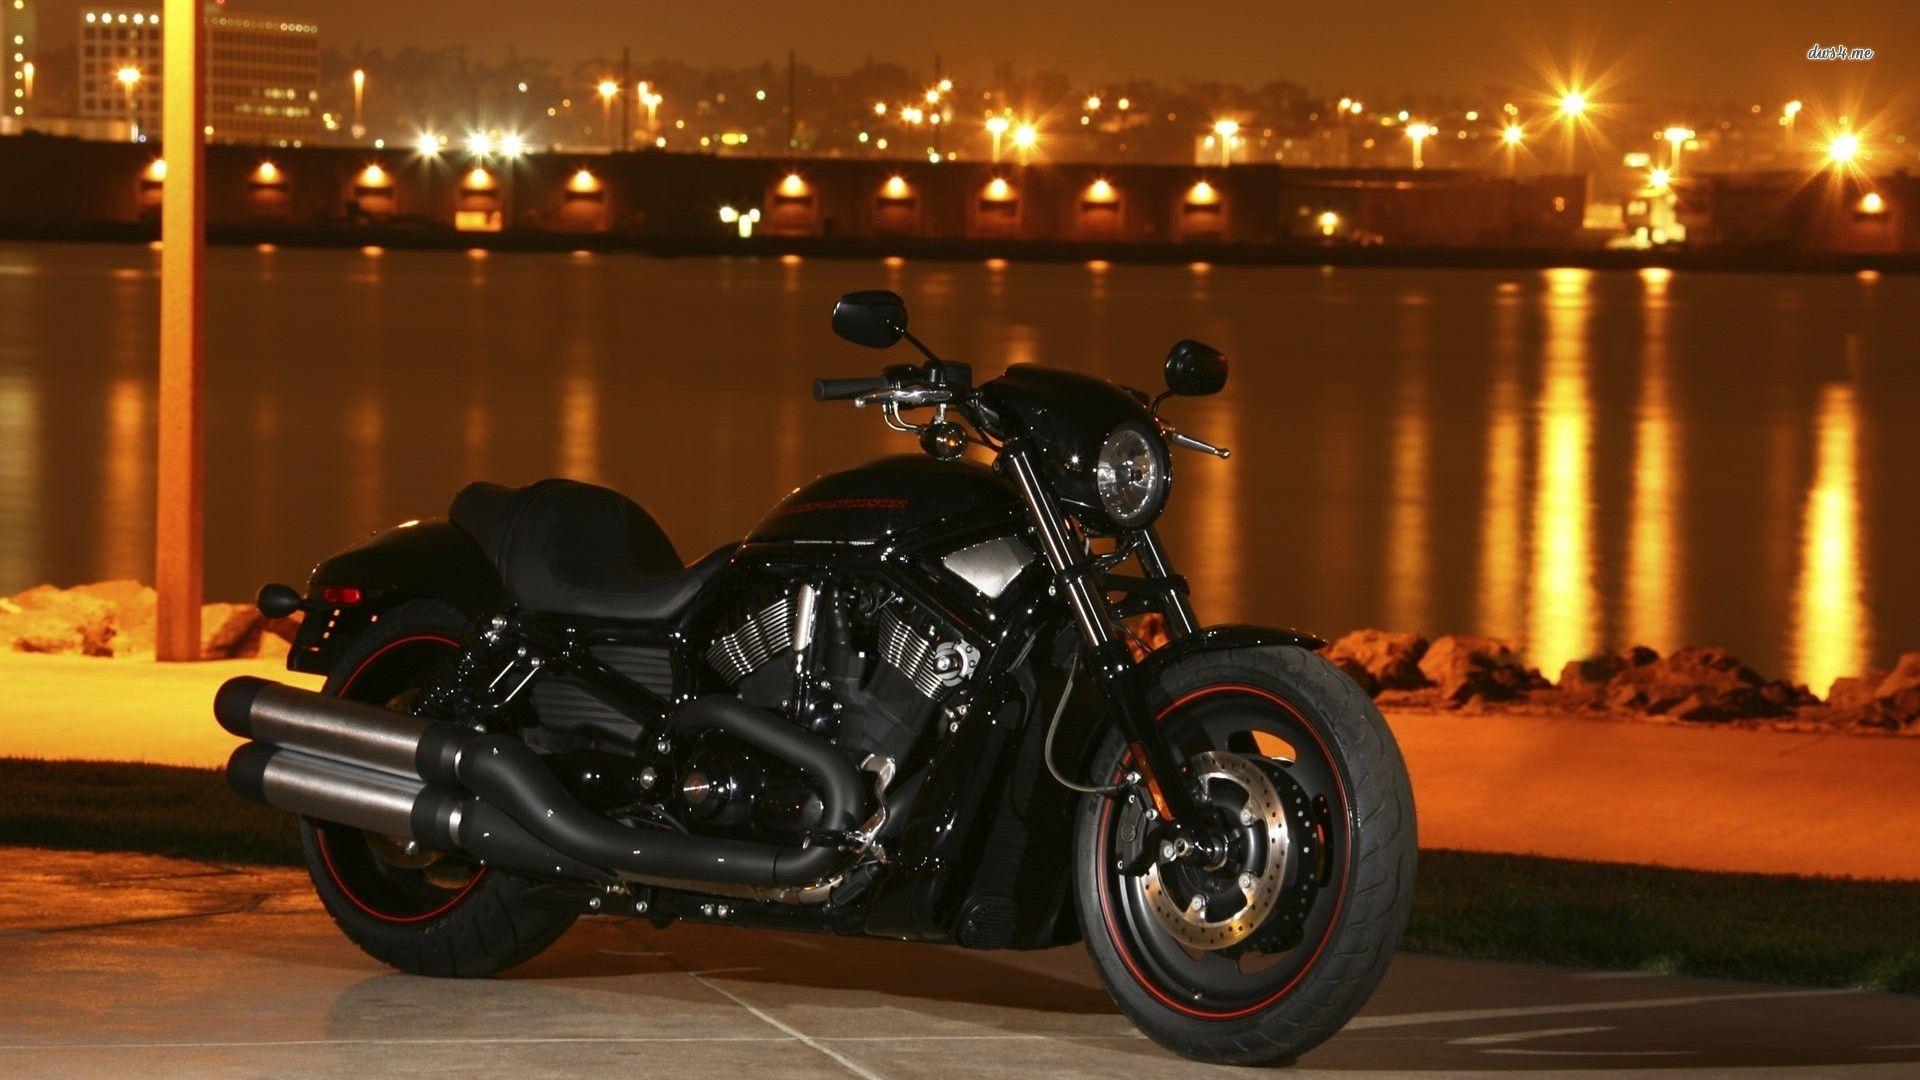 Рейтинг лучших мотоциклов для города в 2020 году